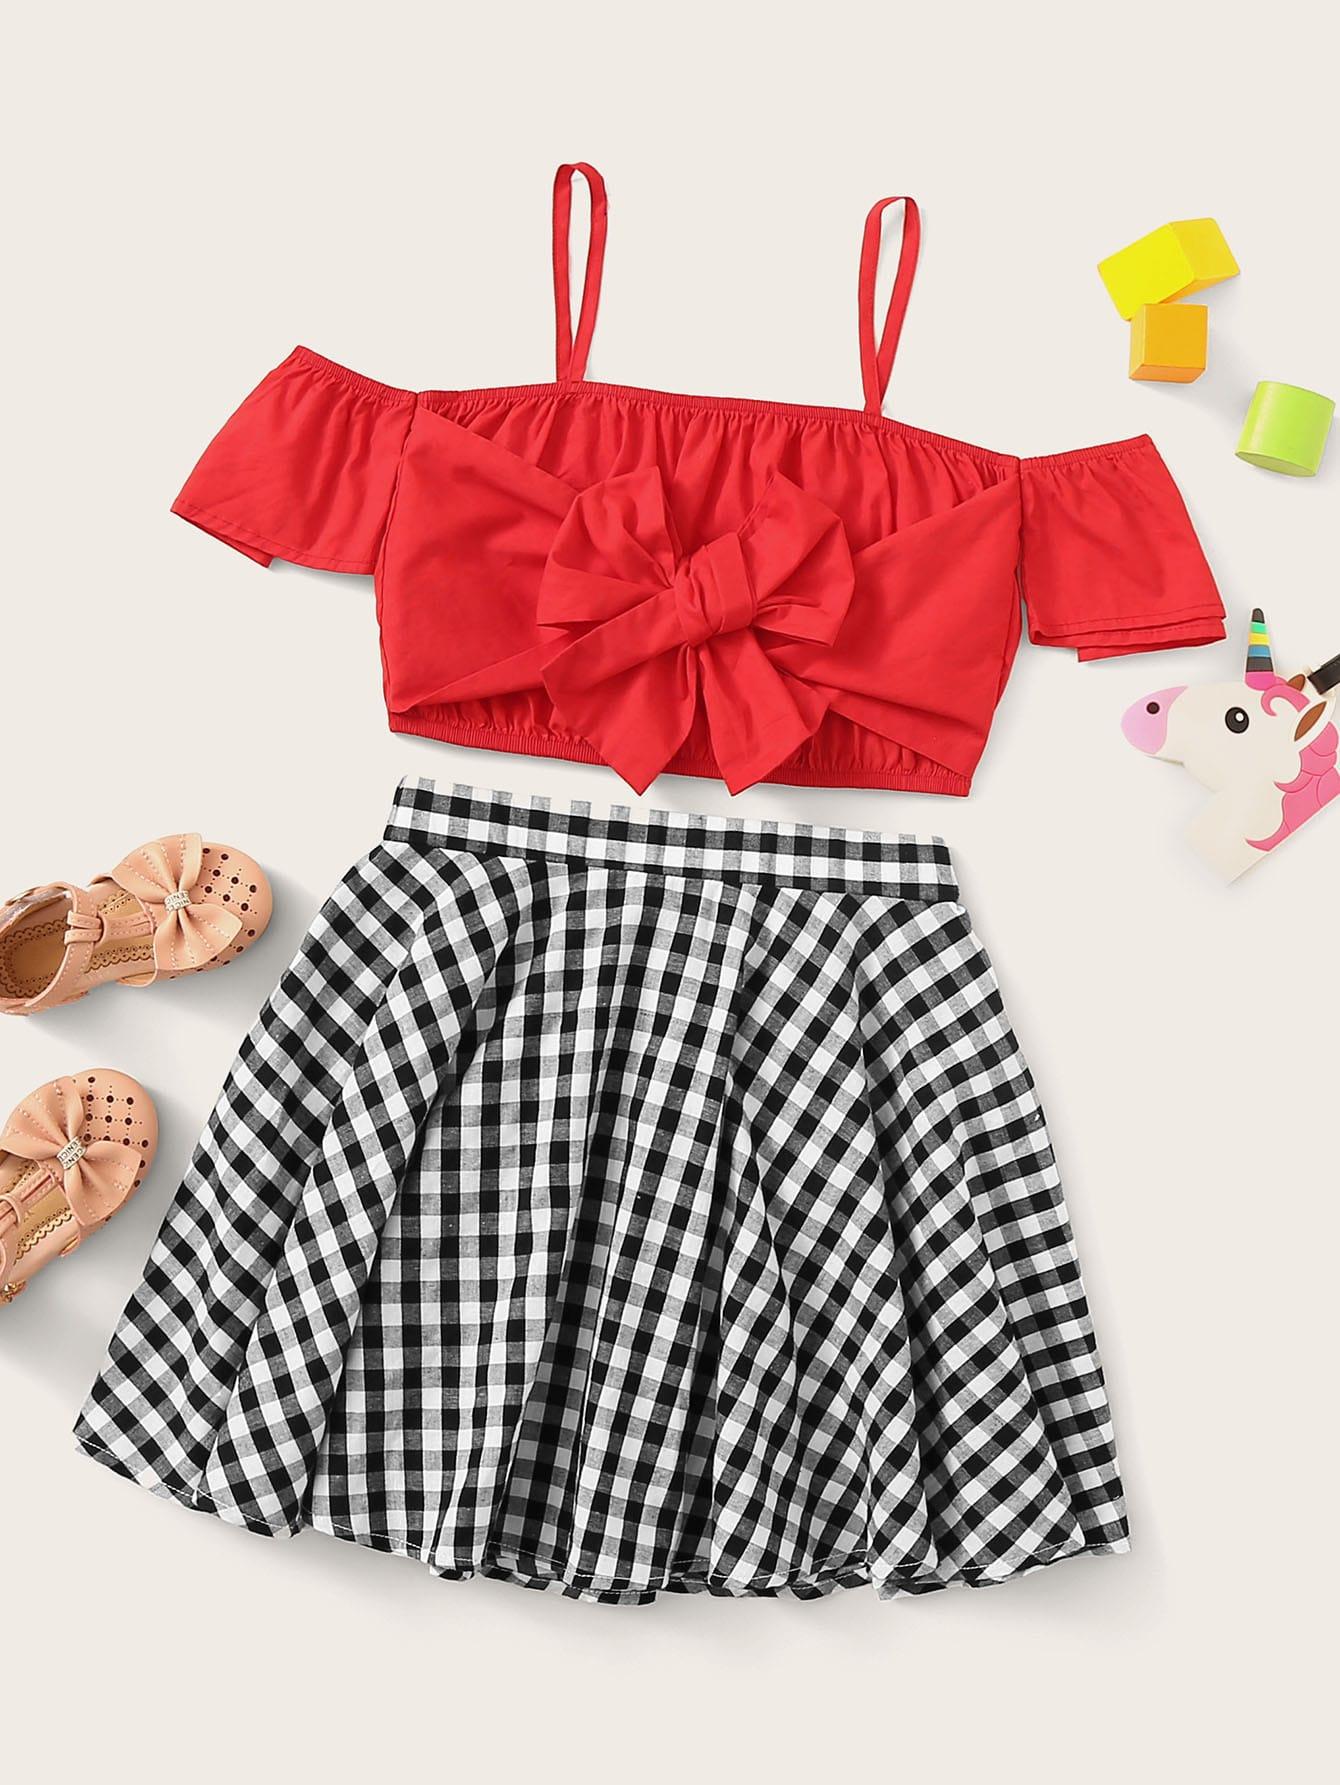 Фото - Топ с открытым плечом, завязкой и юбка для девочек от SheIn цвет многоцветный